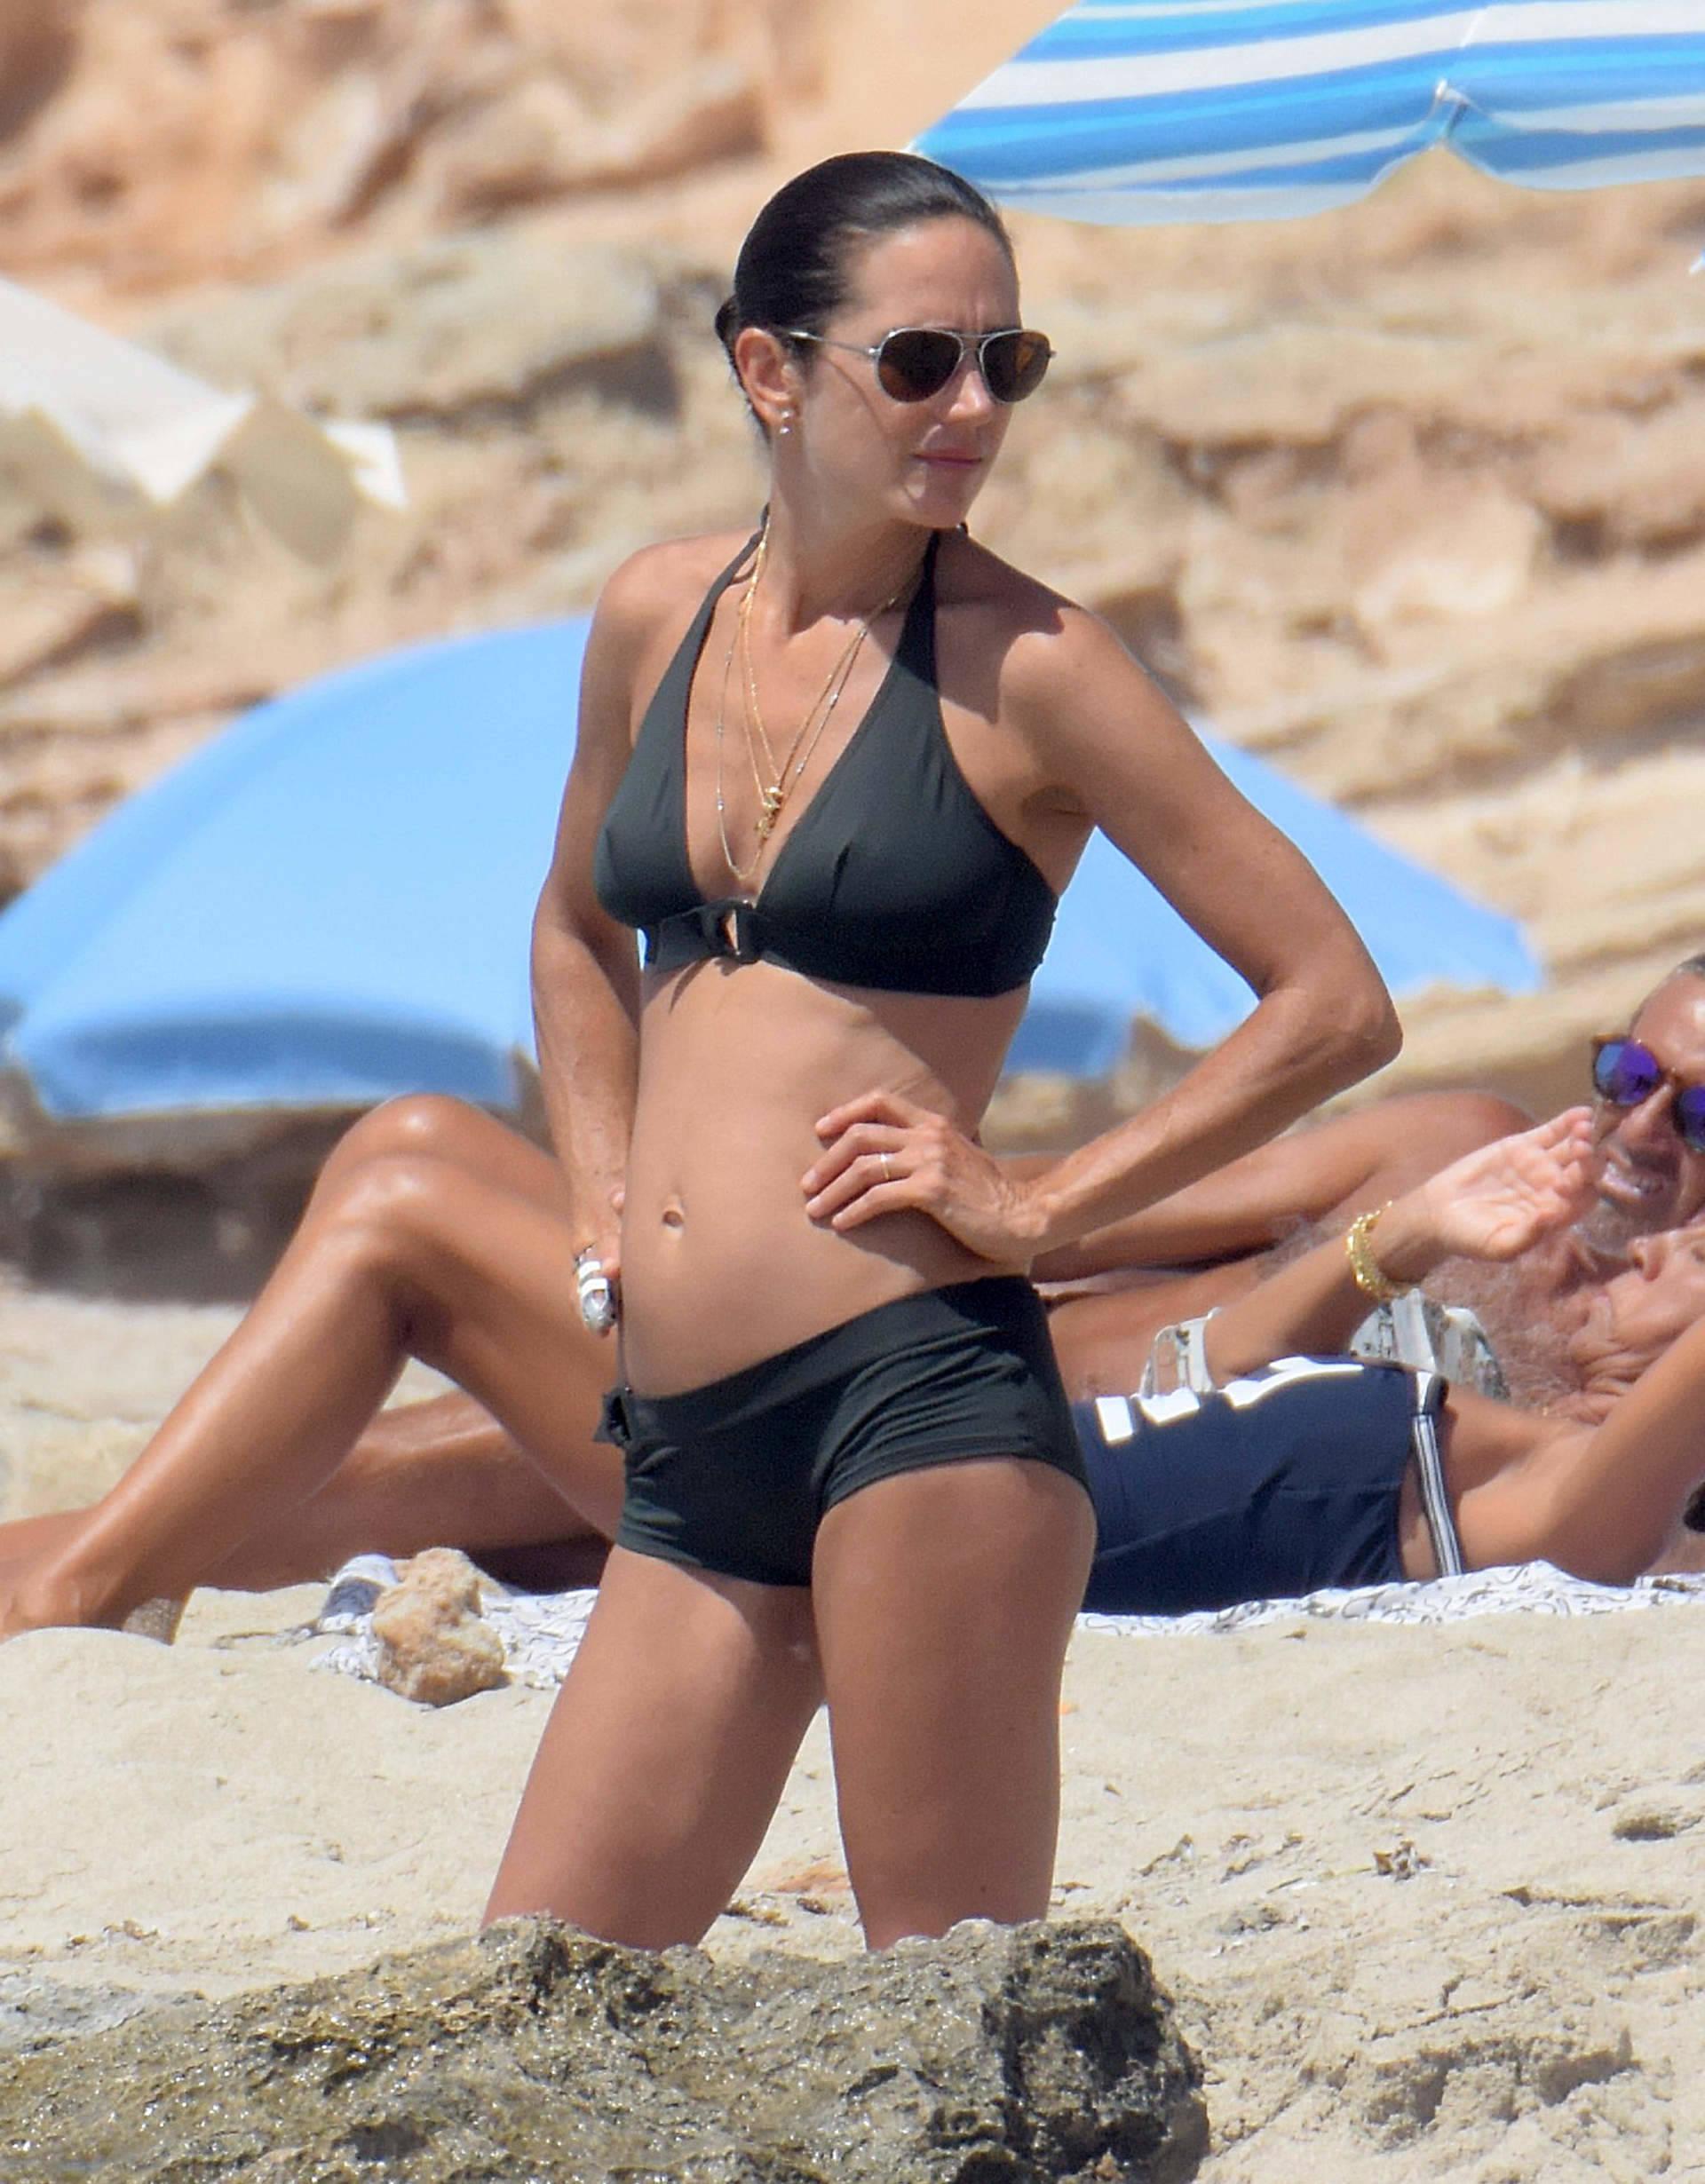 alyssa milano nude beach pics